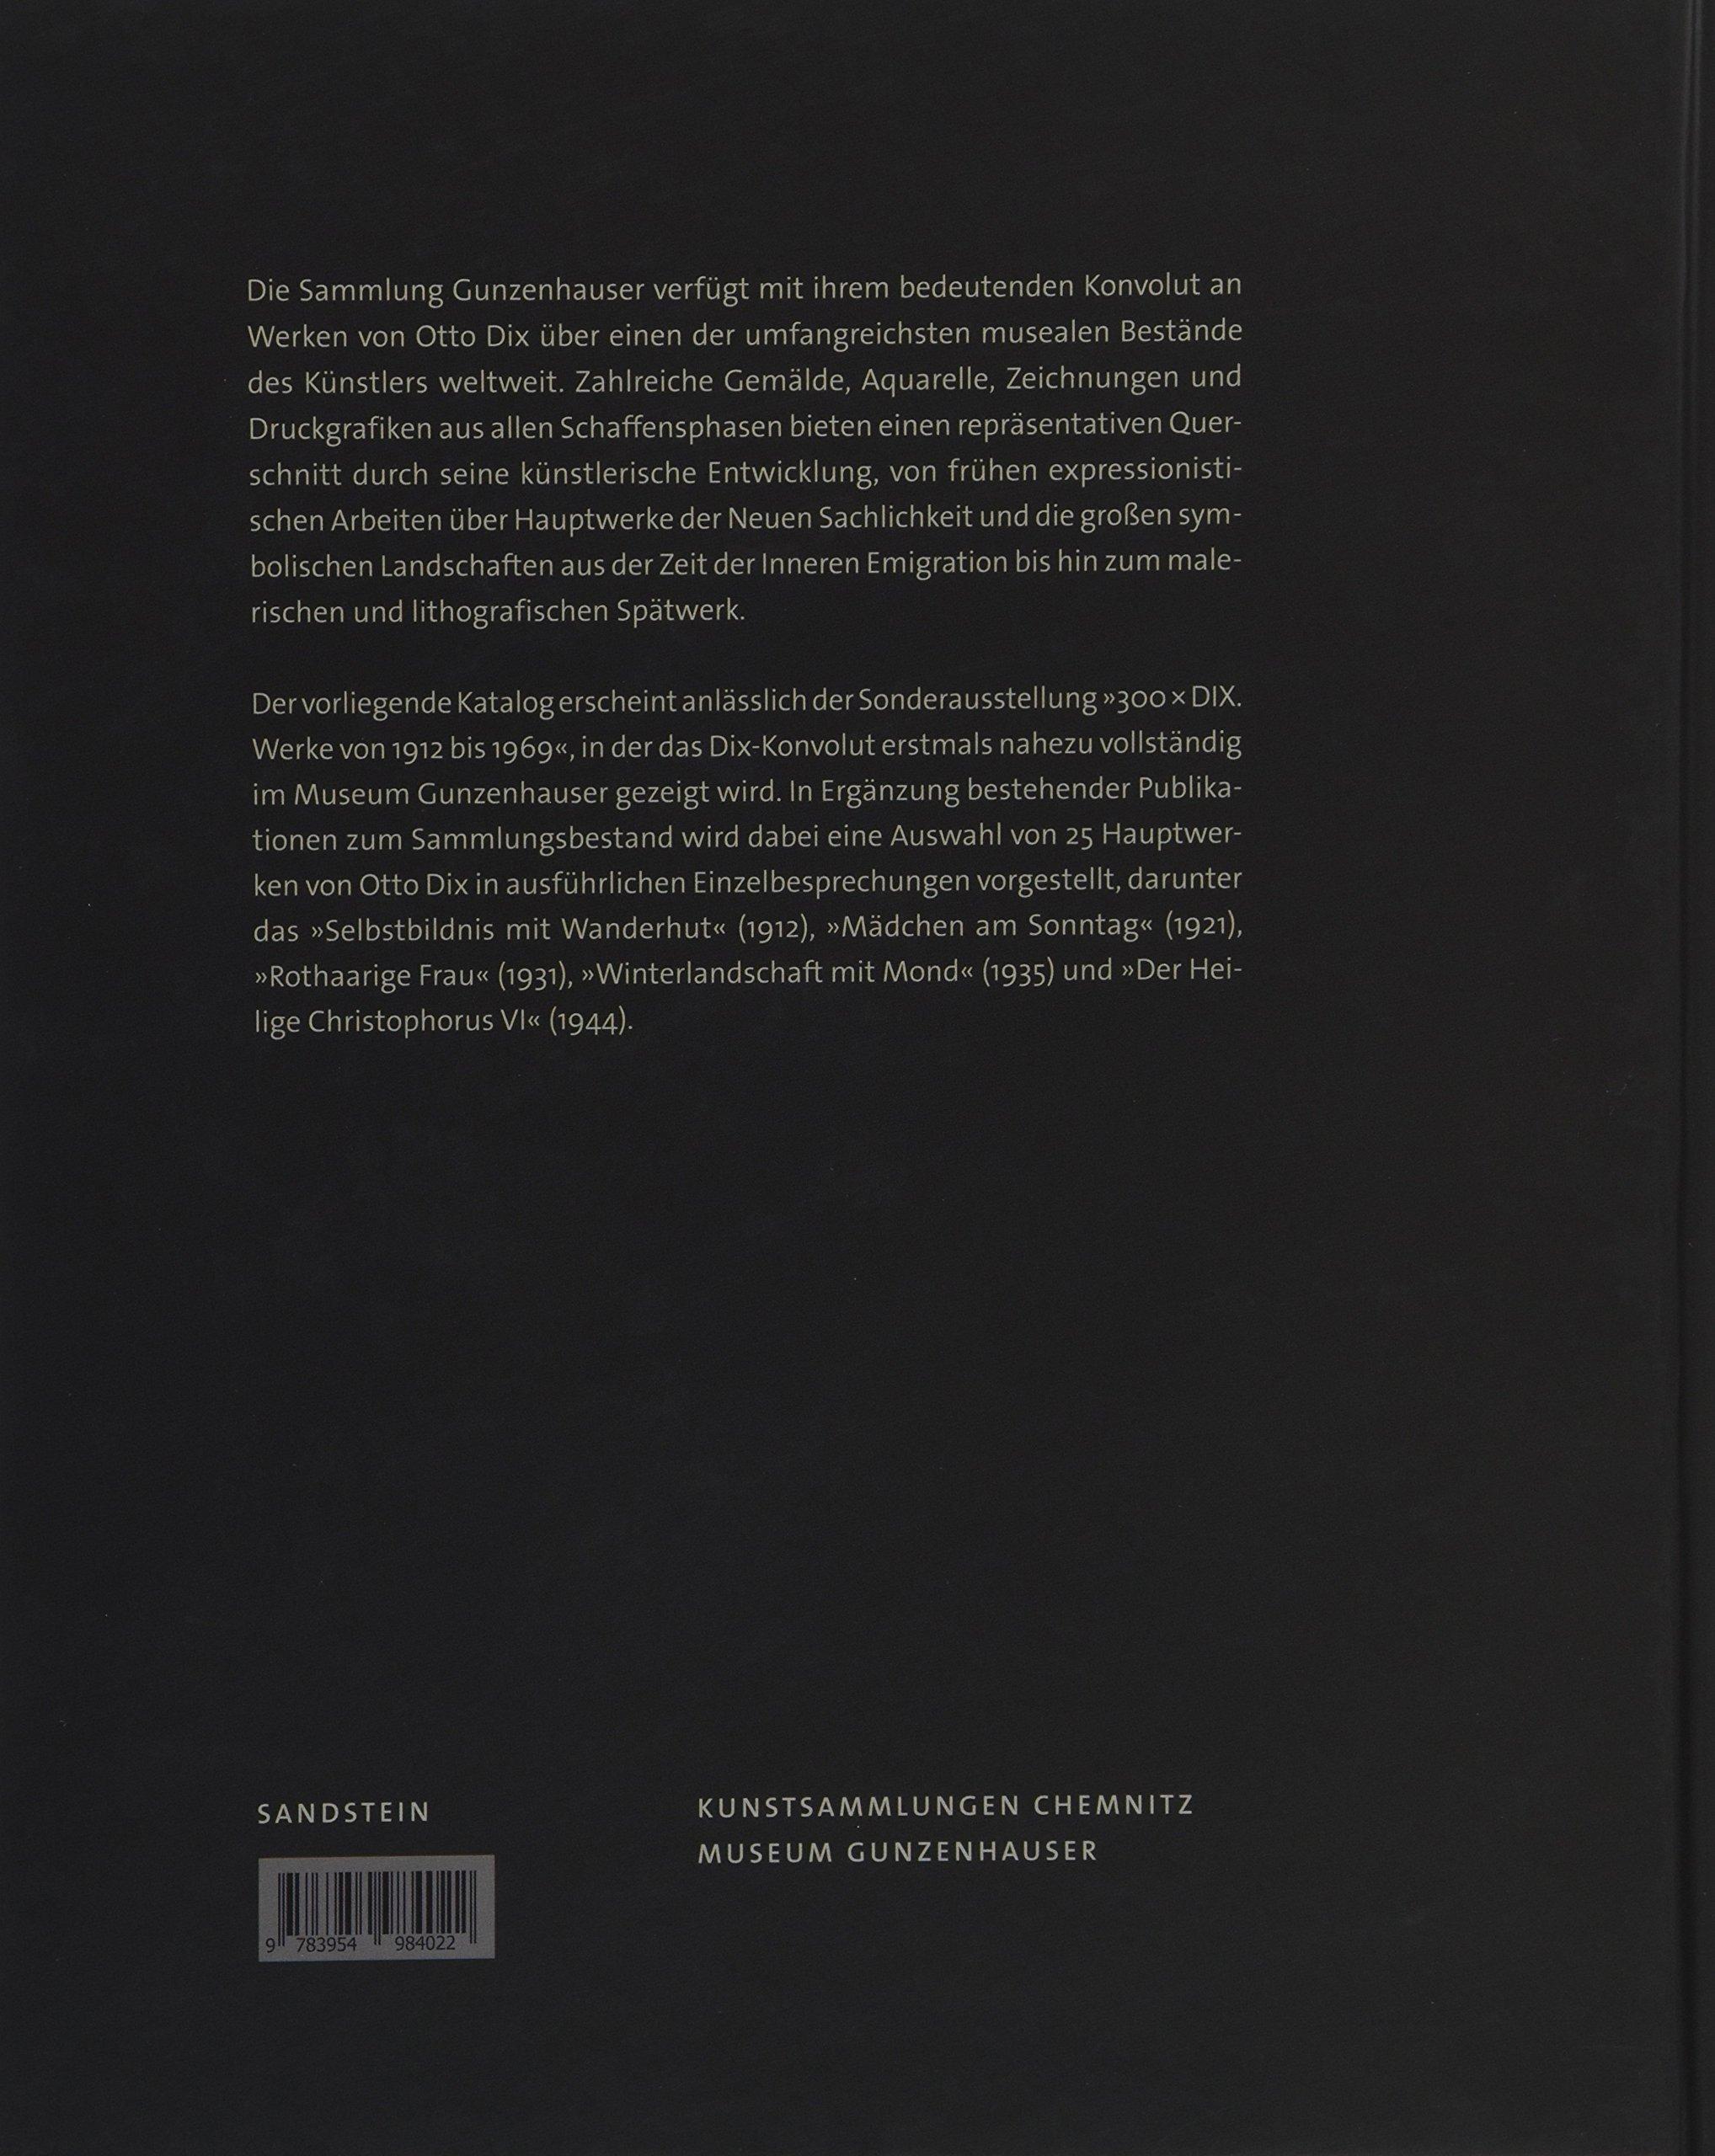 Otto Dix: Hauptwerke Aus Der Sammlung Gunzenhauser: Amazon.co.uk: Ingrid  Mössinger, Stephan Dame: 9783954984022: Books